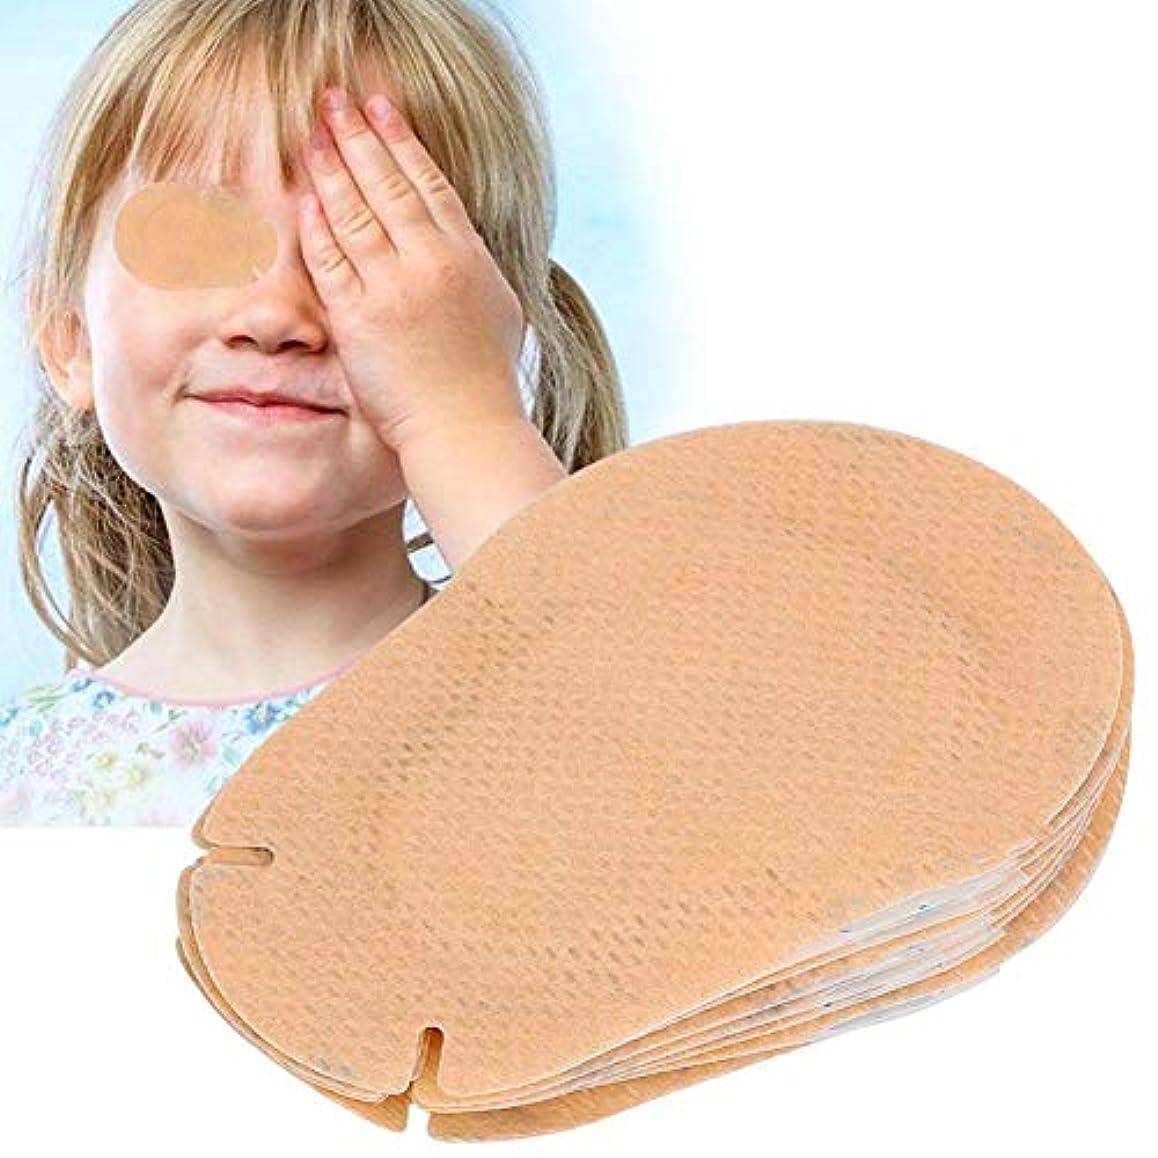 臨検実験室ハイブリッドSemme 20ピースキッズアイパッチ、子供弱視矯正アイシェードトレーニング修正アイパッチ